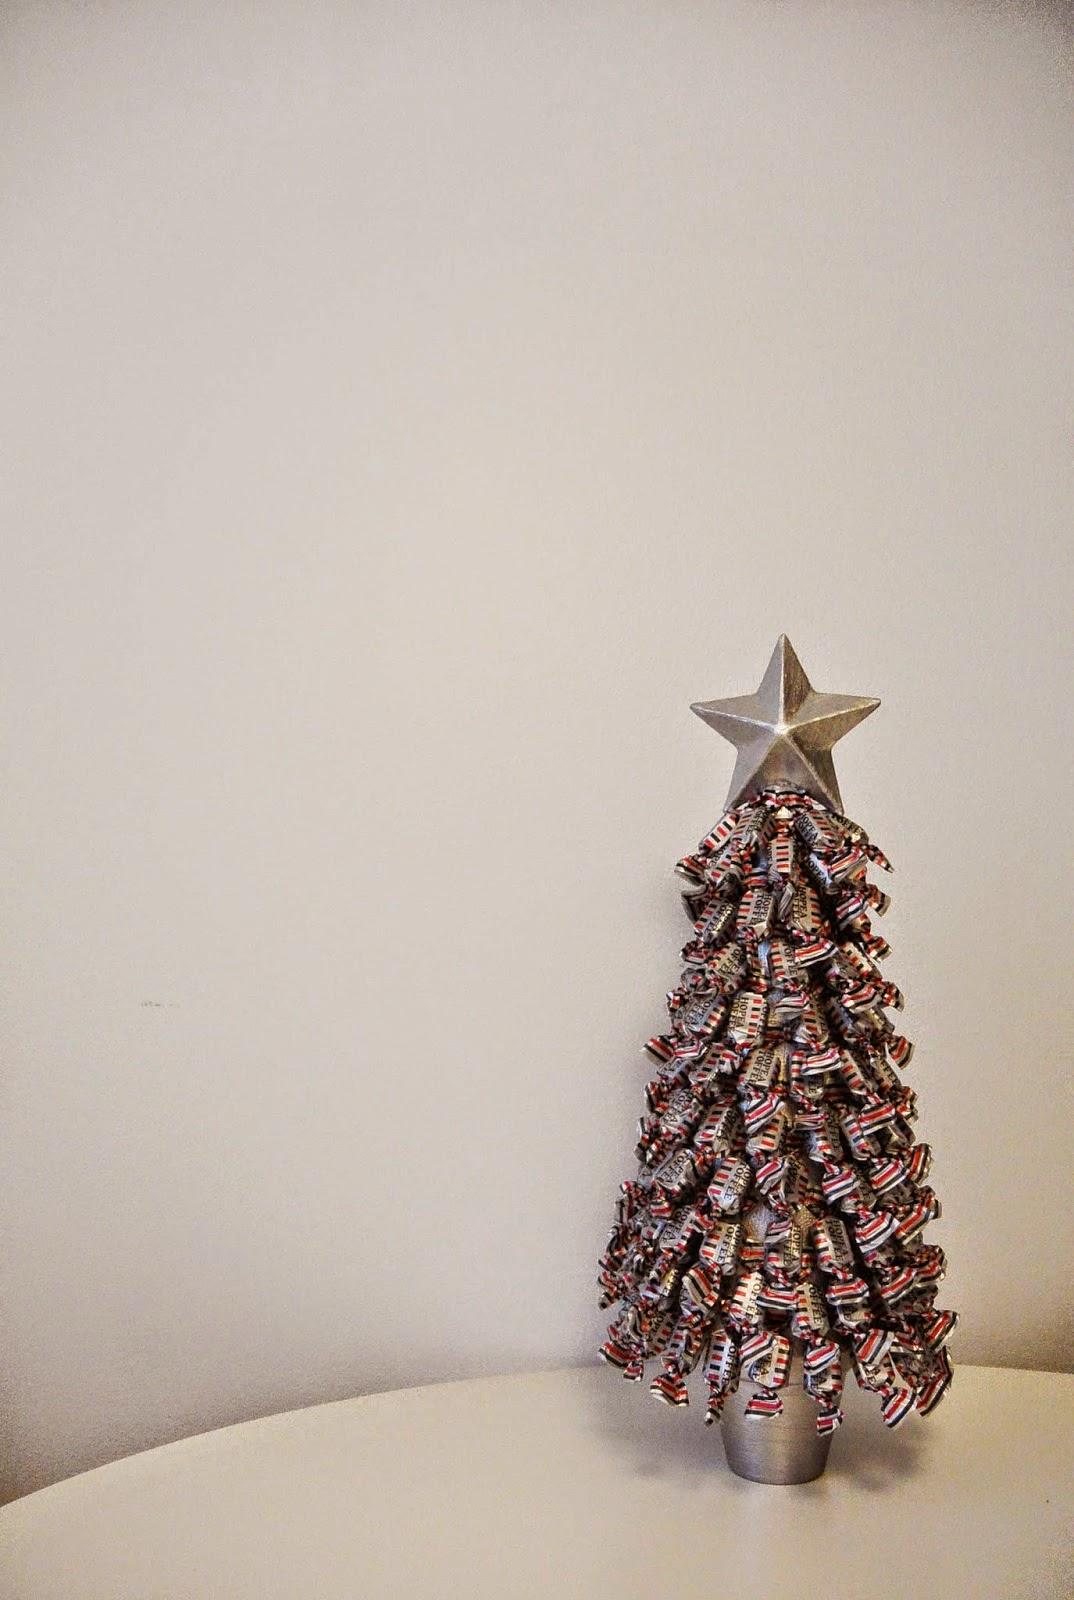 http://annanaarteet.blogspot.fi/2014/12/hopeatoffeekuusi-joulukoristeeksi.html